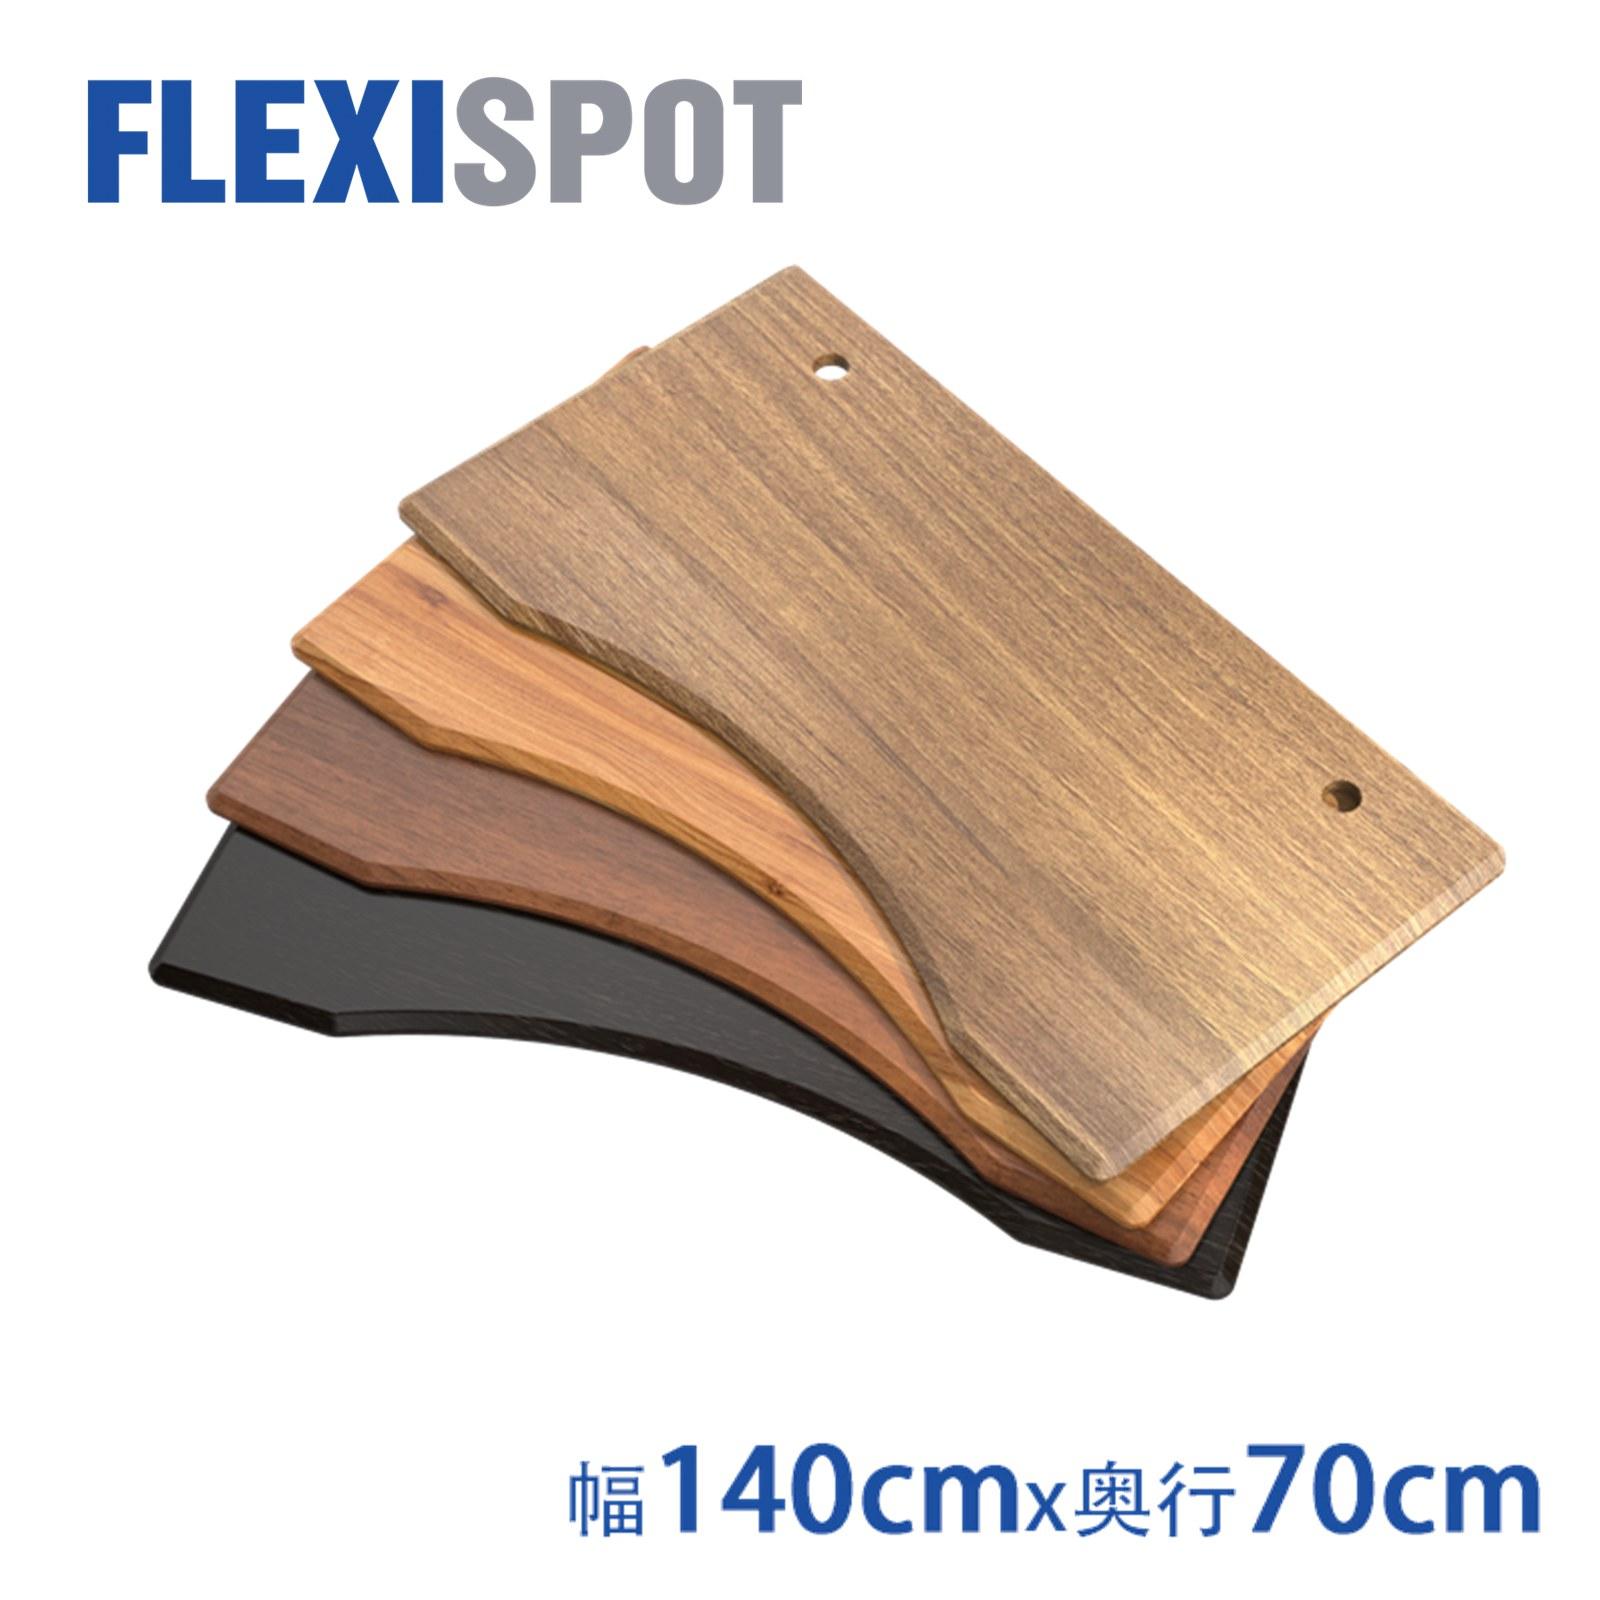 エルゴノミクスカーブ型天板 パソコンデスク用140 70cm 新入荷 流行 天板 カーブ型天板 Flexispot エルゴノミクス スタンディングデスク用 DIY天板 天板のみ オフィスデスク 超安い 幅140 フレキシスポット パソコンデスク用 在宅ワーク テーブル 奥行70